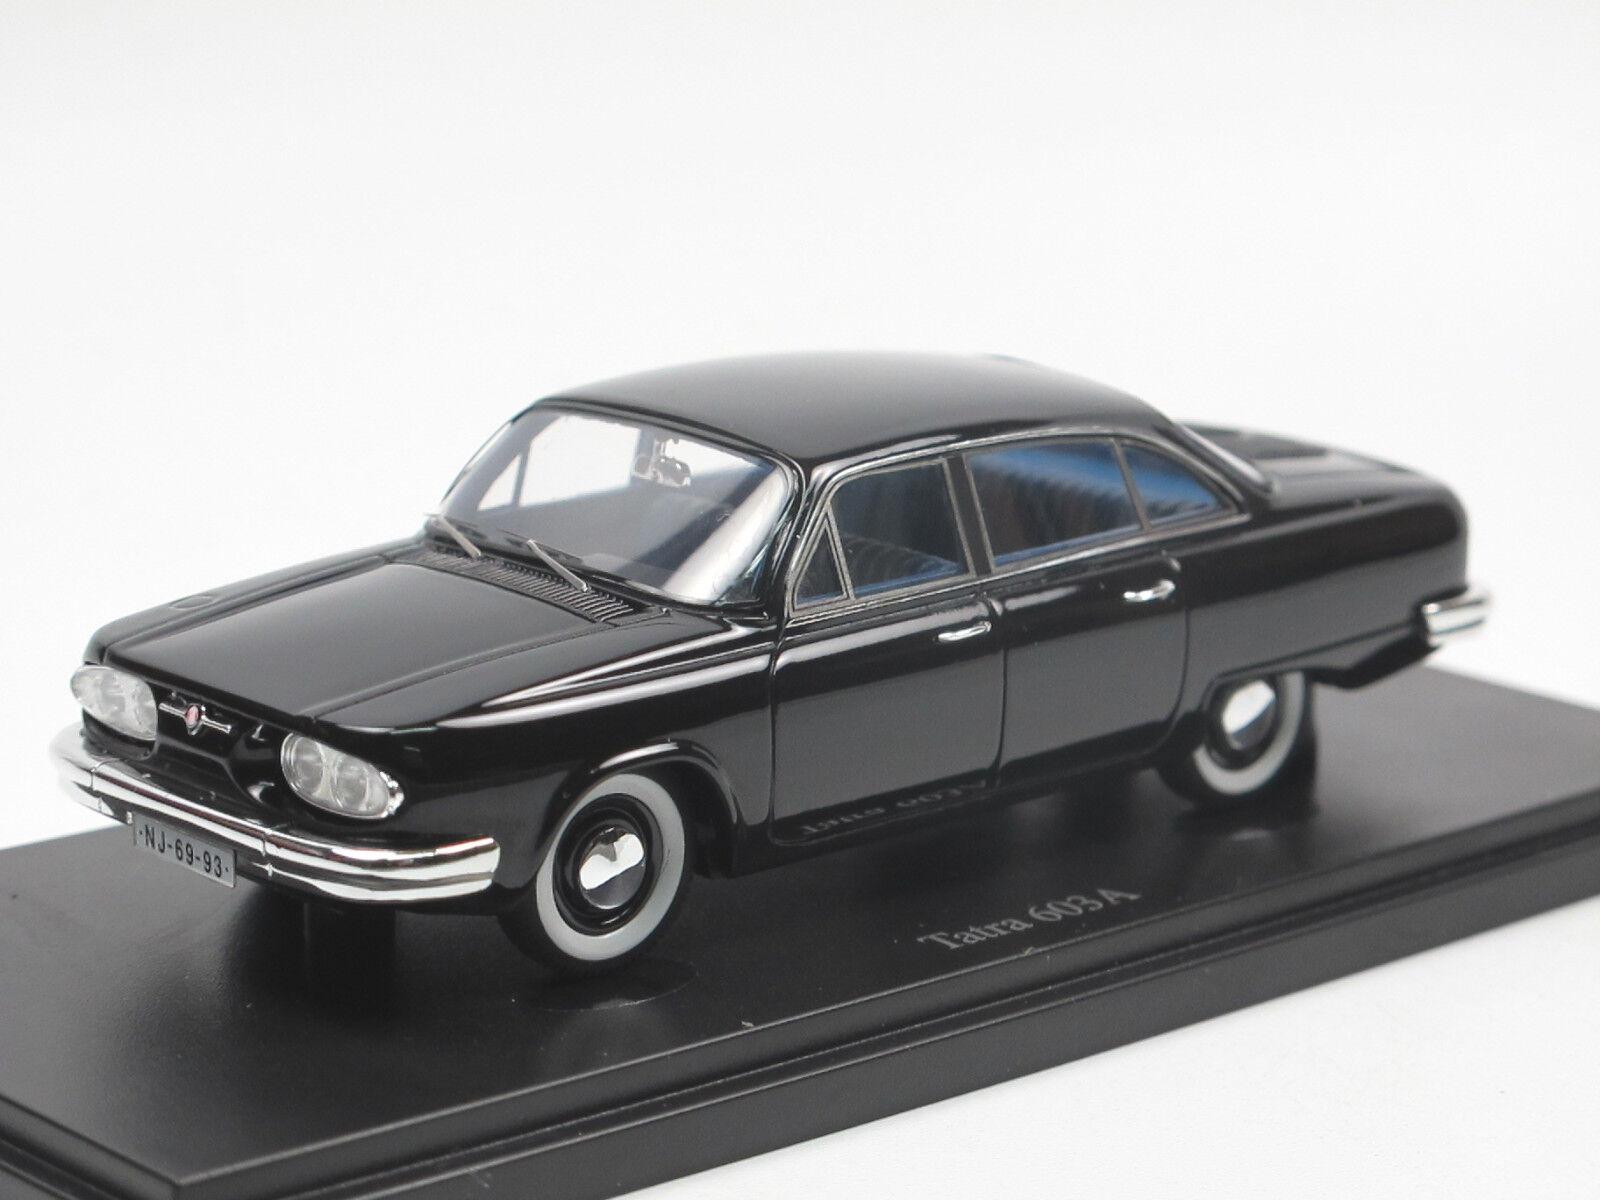 Autocult 06023 tatra 603 - limousine prototyp 1961 cz - schwarz - 1   43